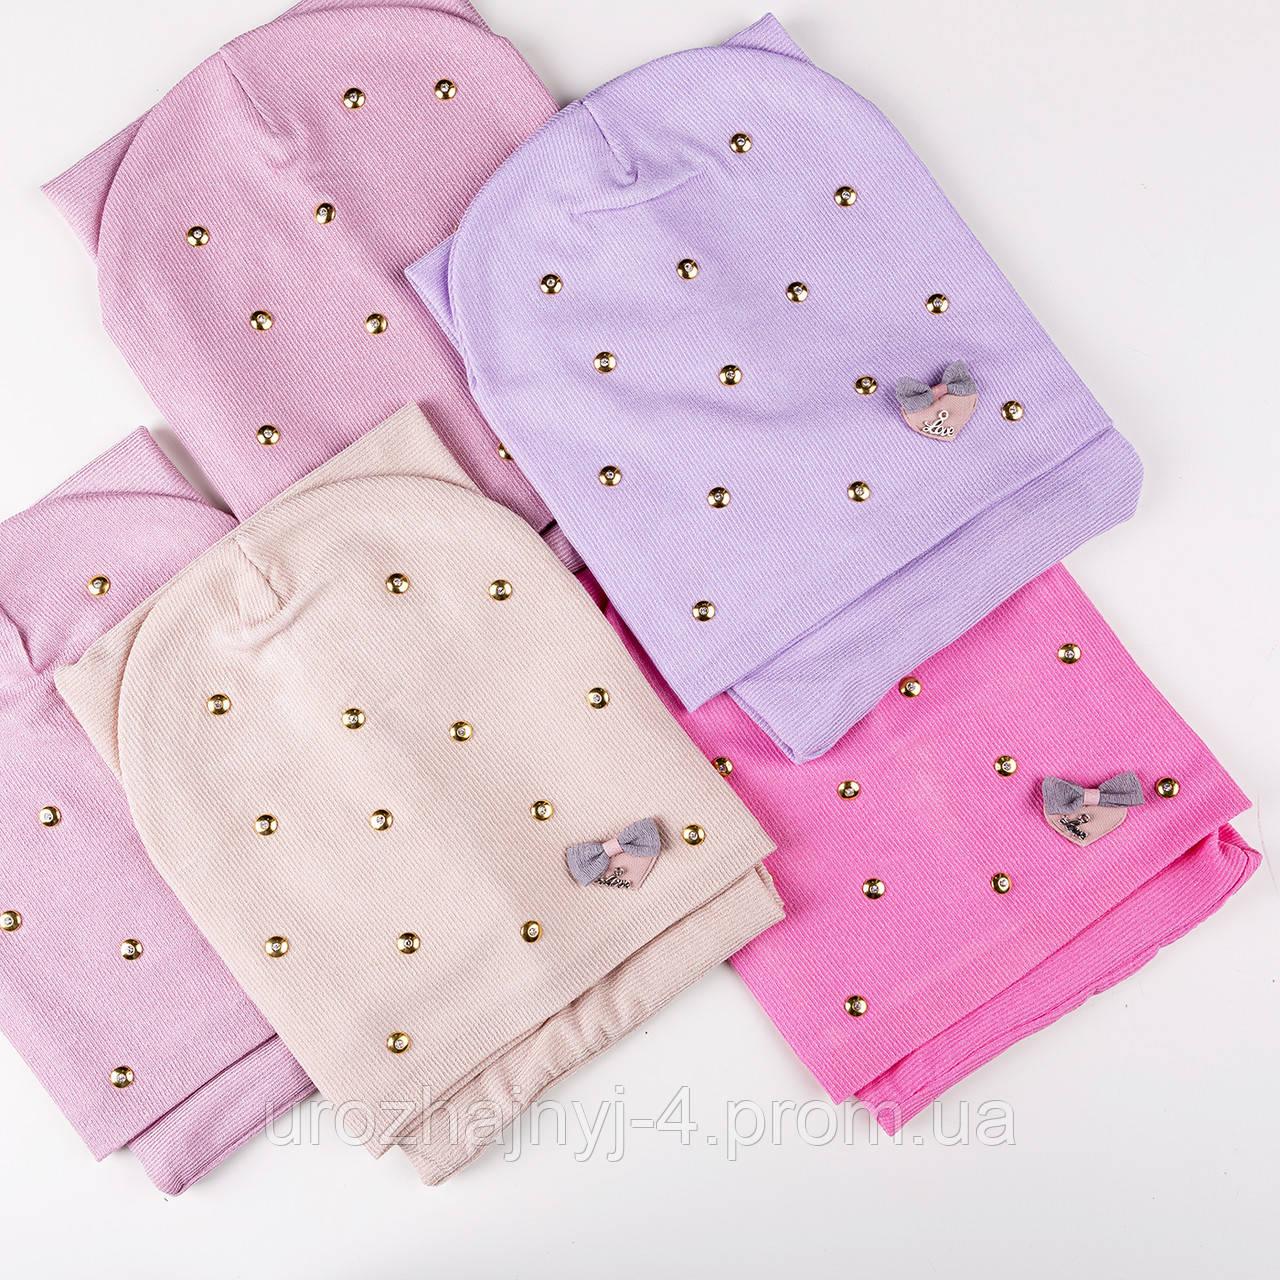 Трикотажный комплект для девочки шапка и хомут  подкладка х/б р50-52 5шт упаковка